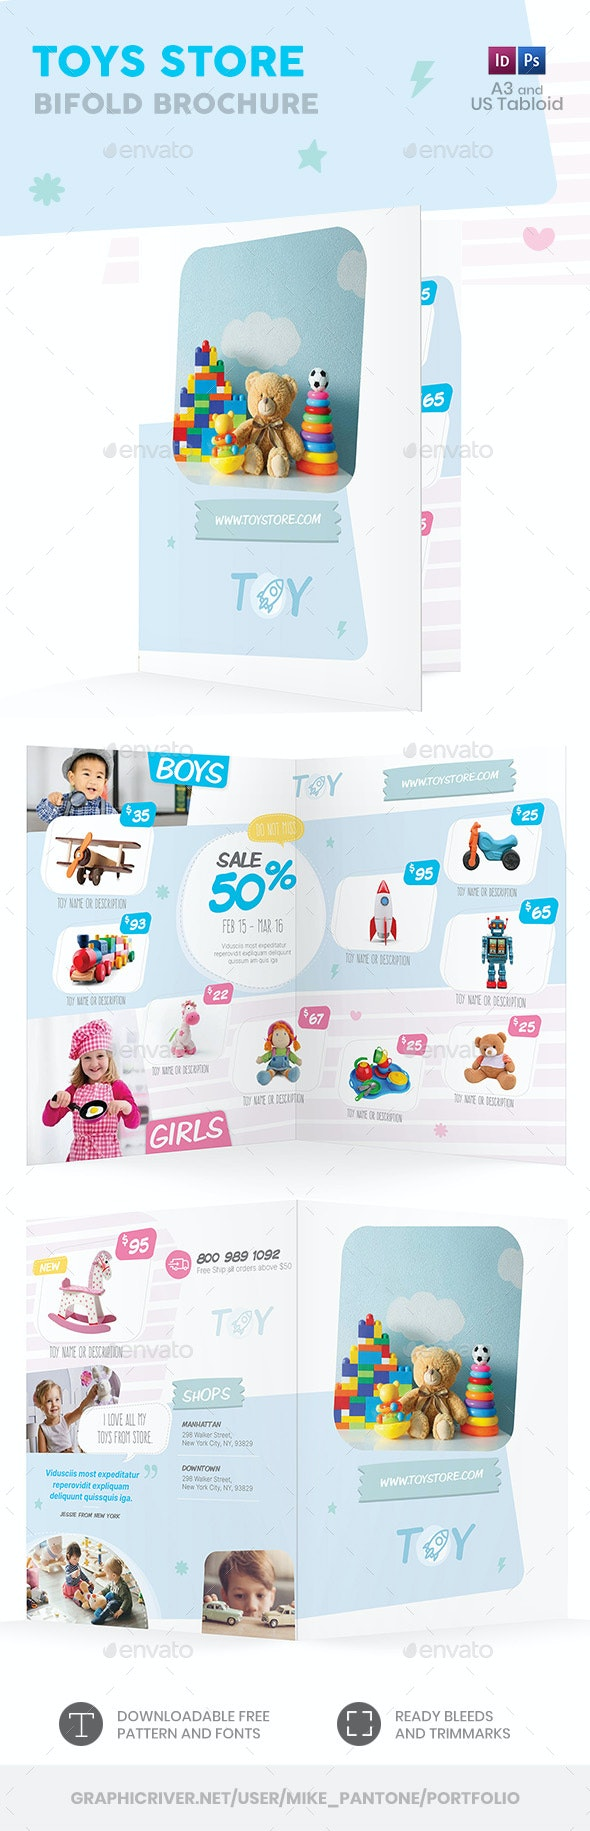 Toys Store Bifold / Halffold Brochure 2 - Informational Brochures